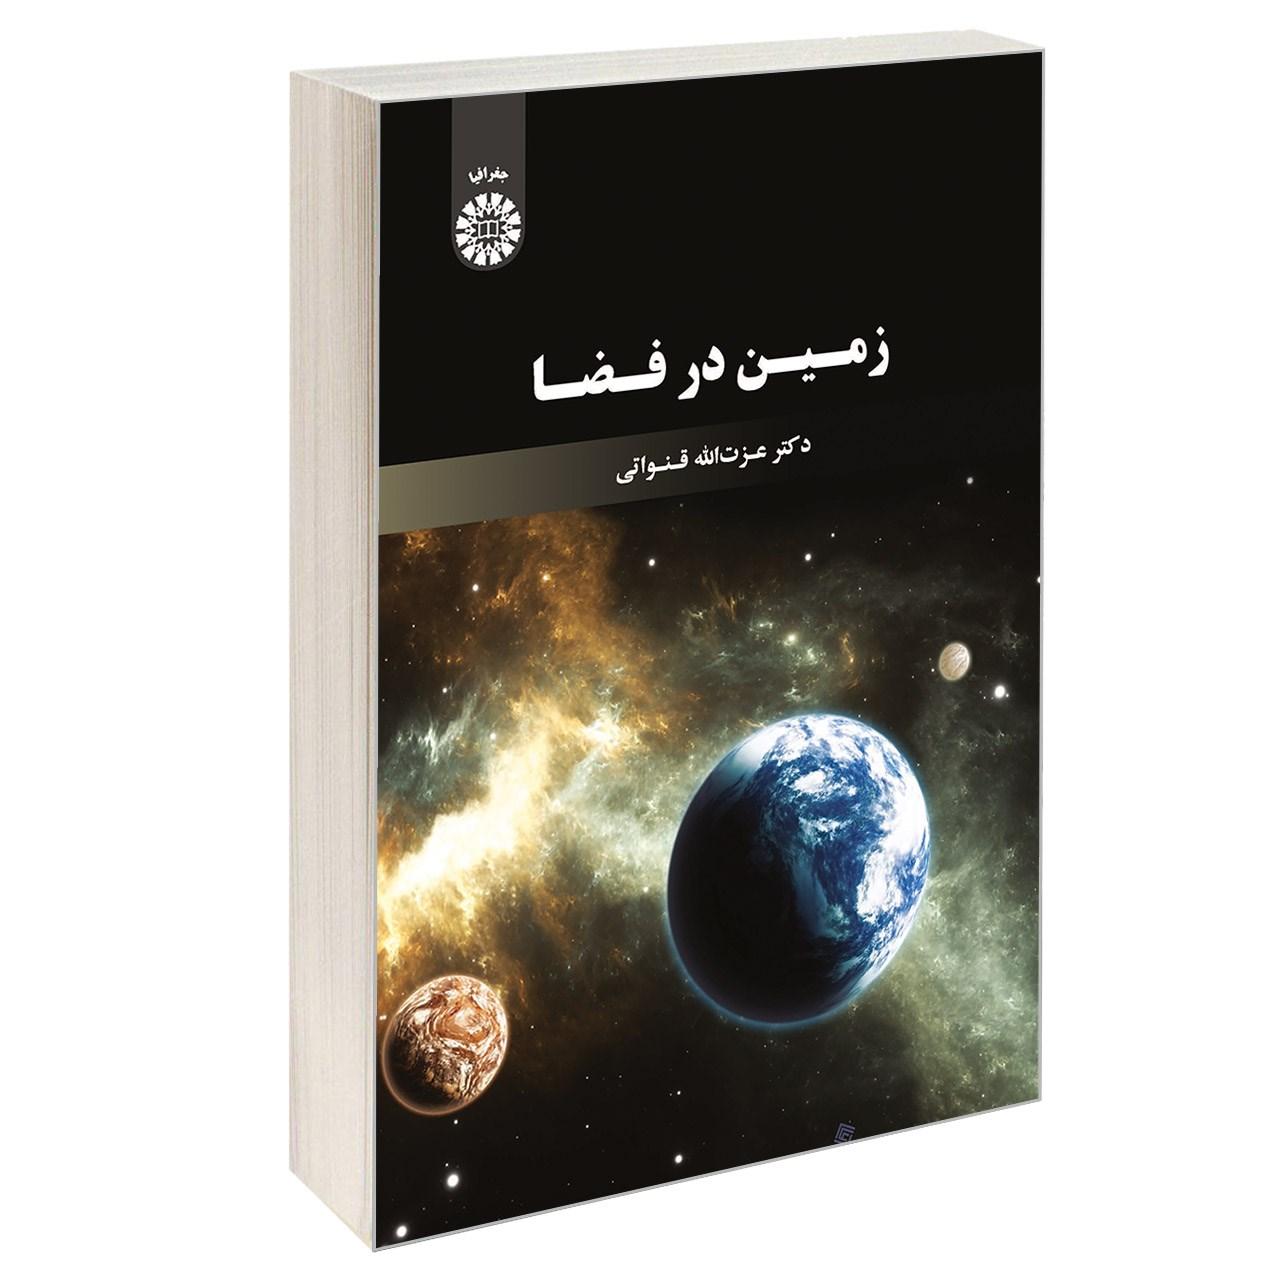 خرید                      کتاب زمین در فضا اثر دکتر عزت الله قنواتی نشر سمت